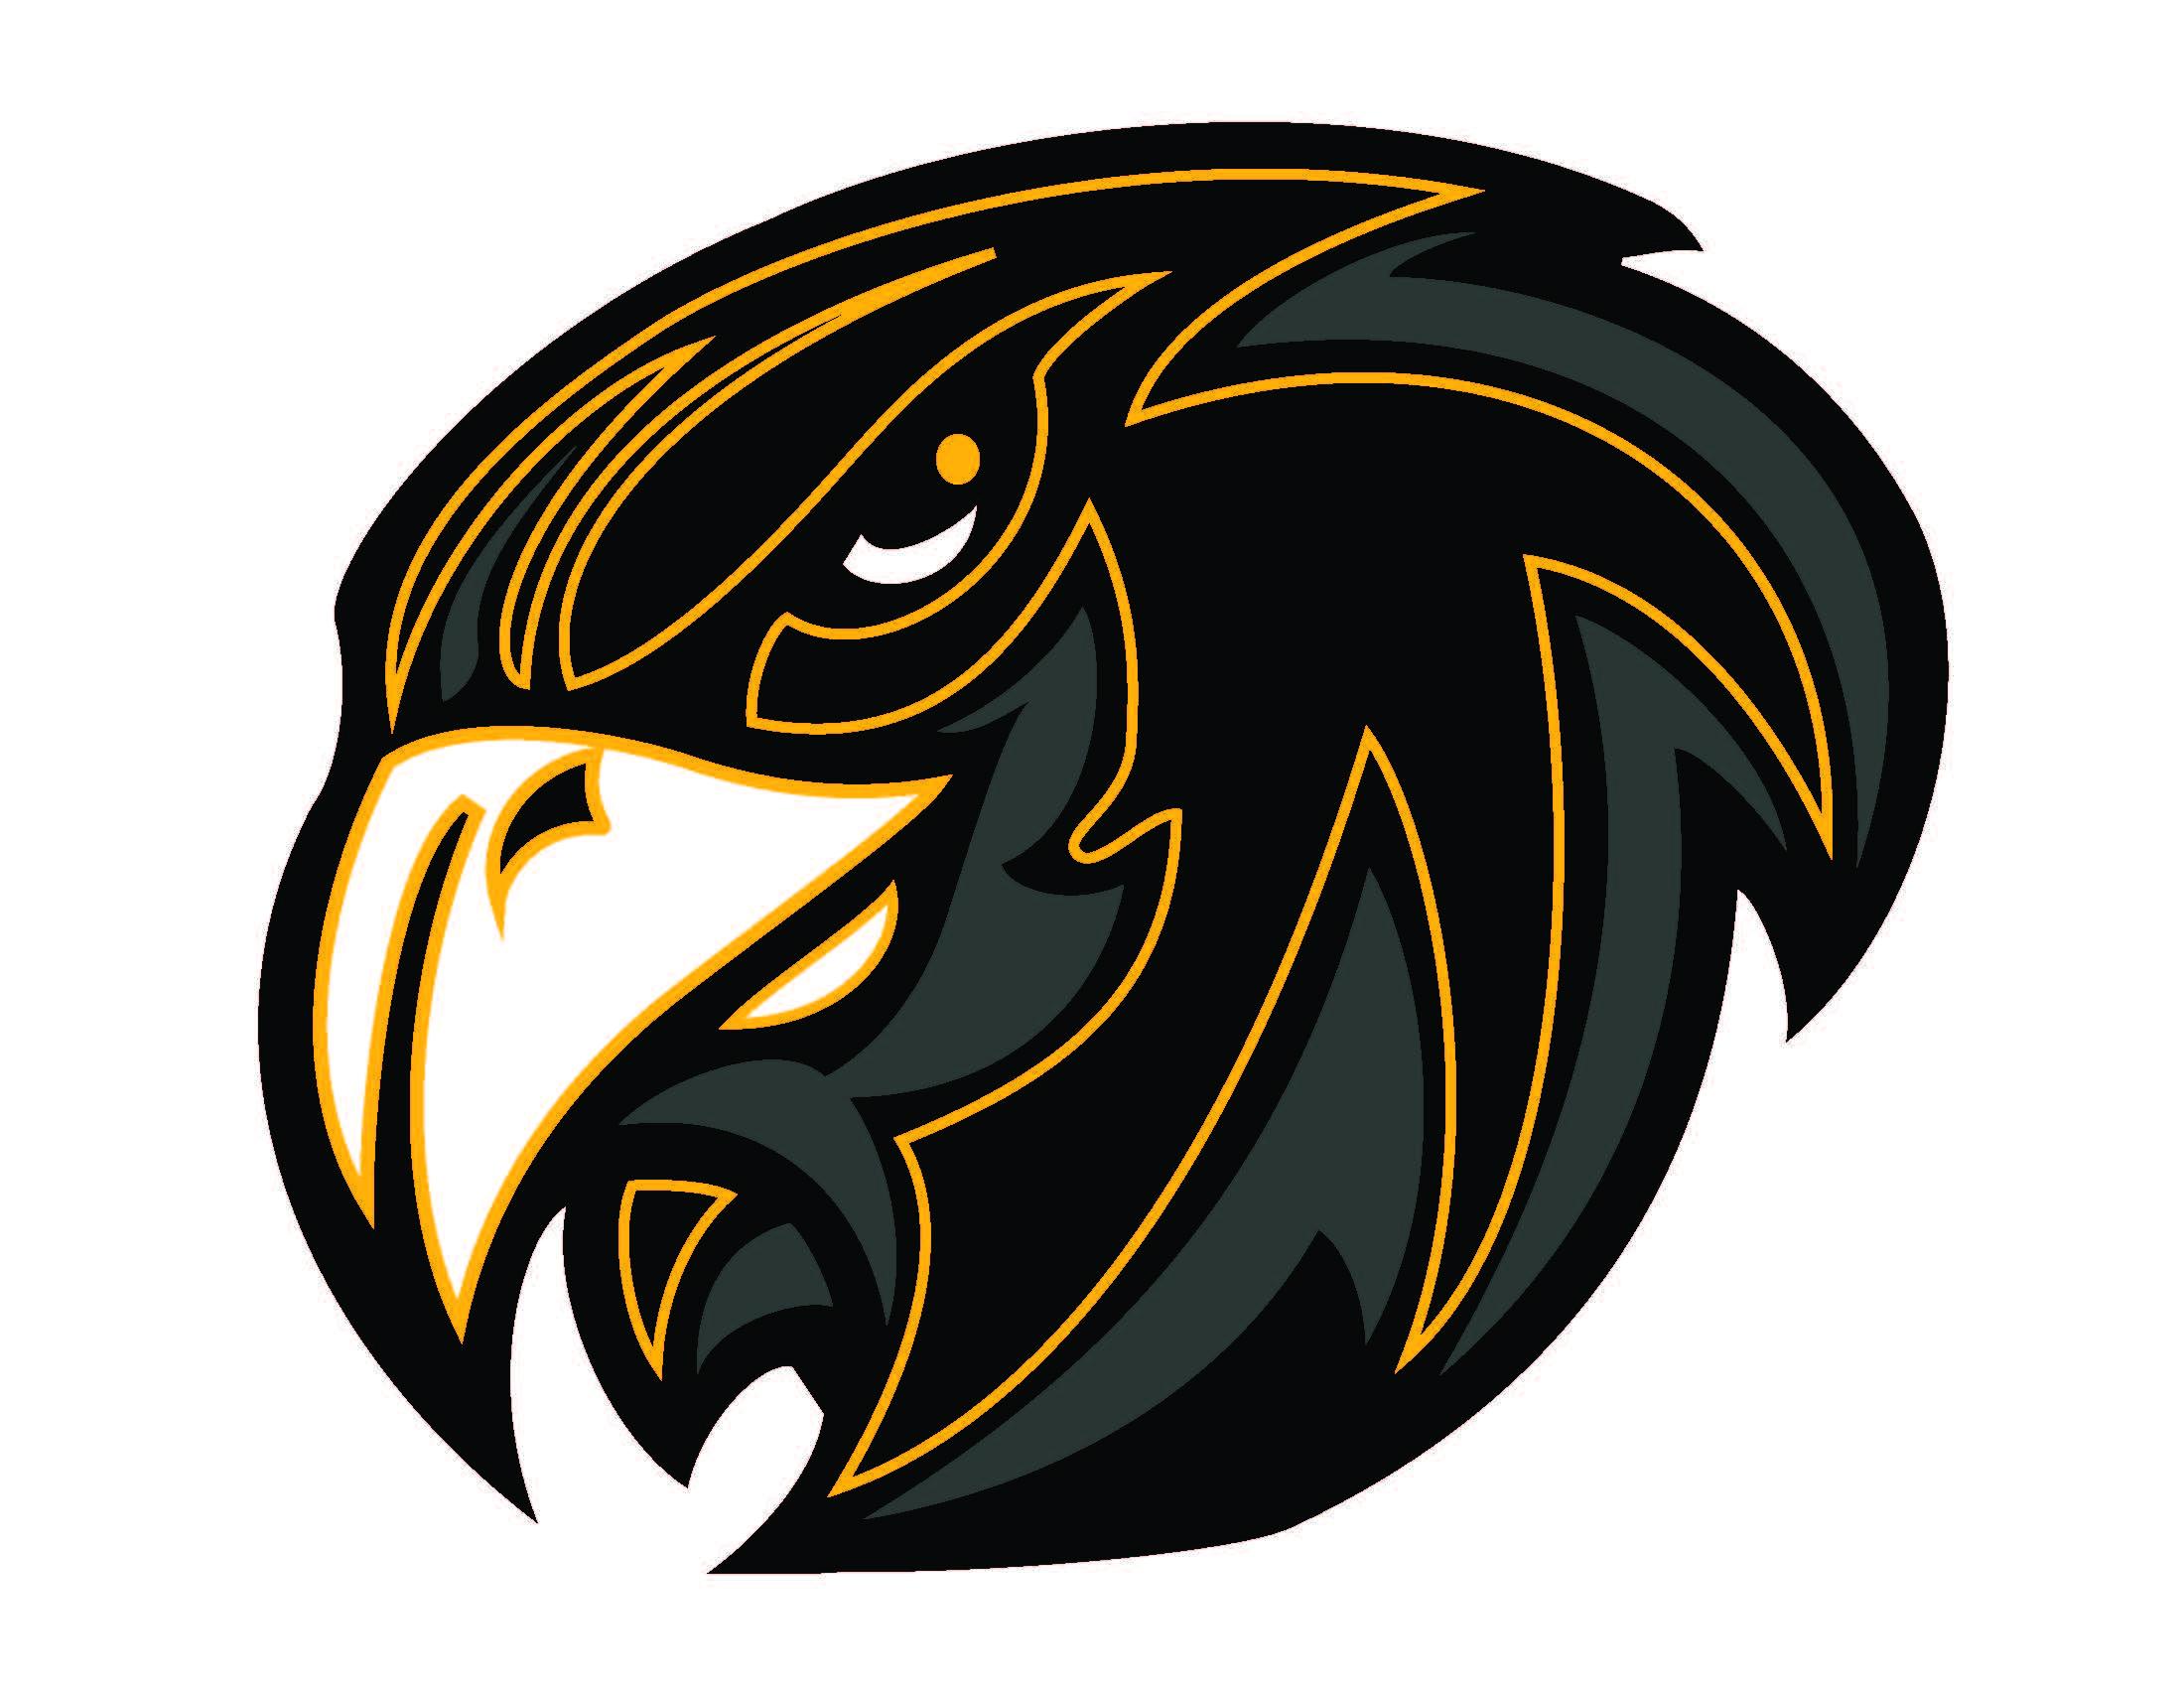 Hawk mascot clipart free images 6